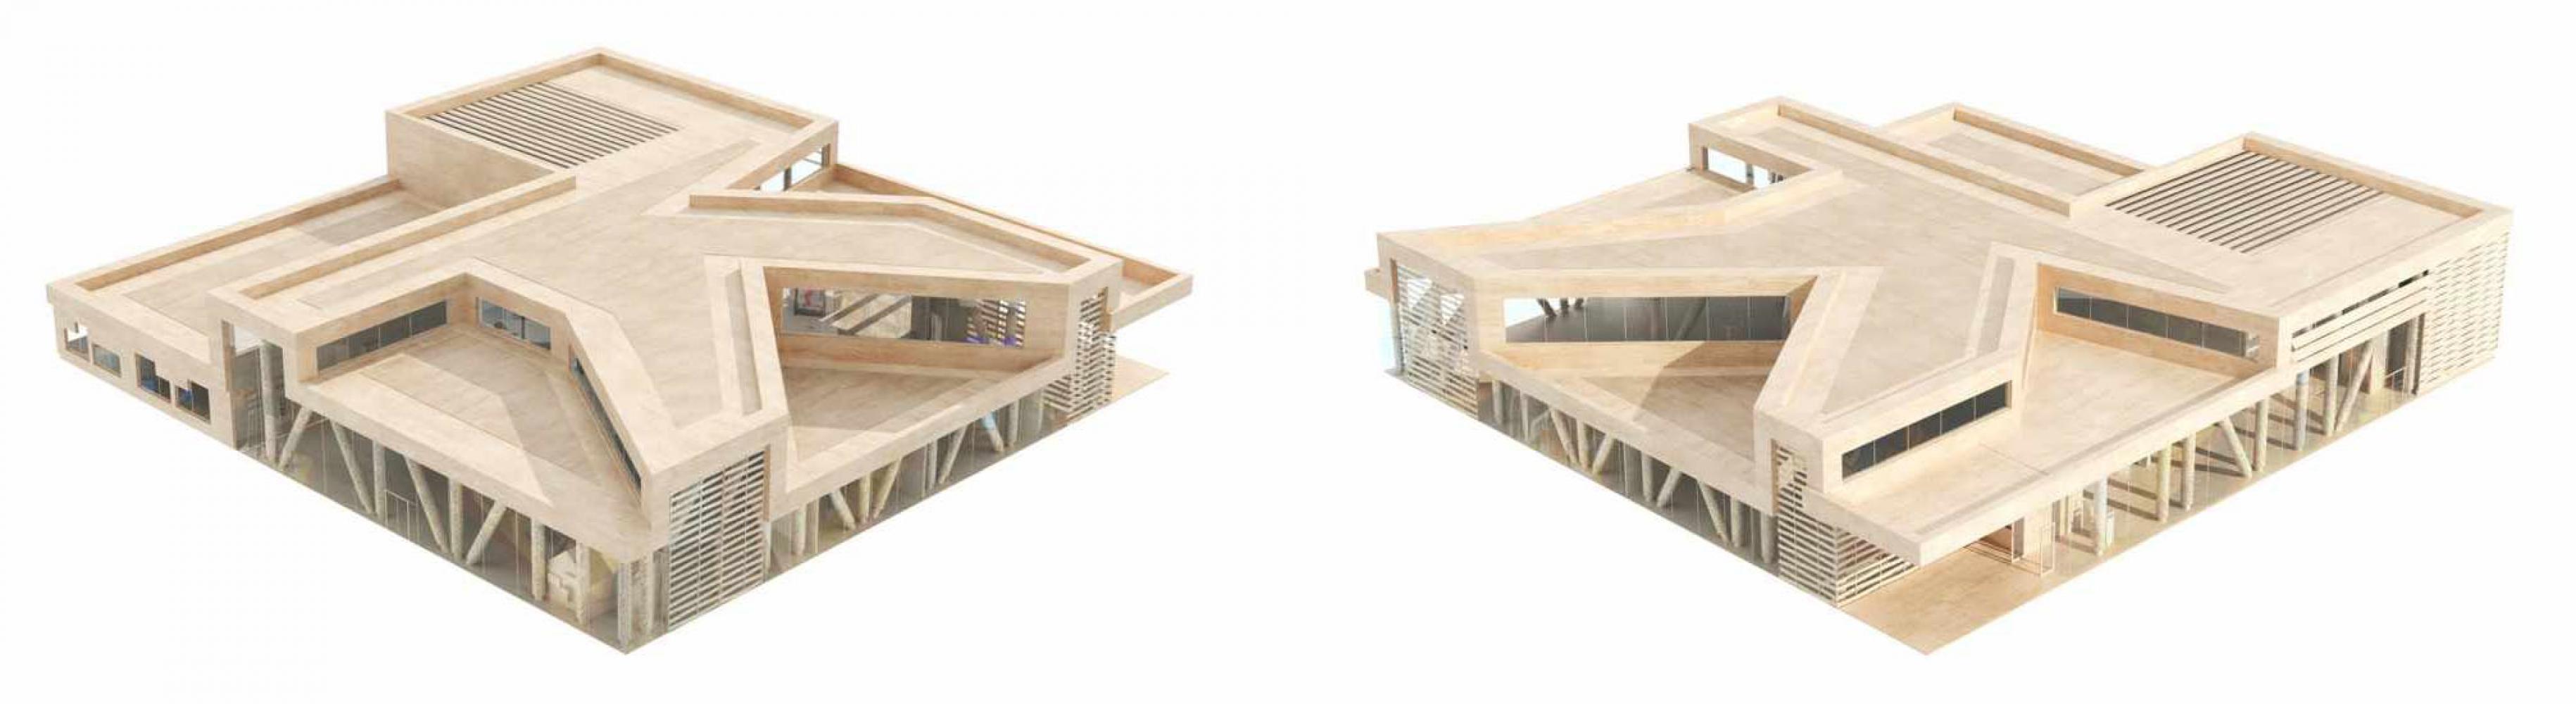 plan_cote_a_cote_harnes Pascale SEURIN Architecte - Pascale SEURIN Architecte